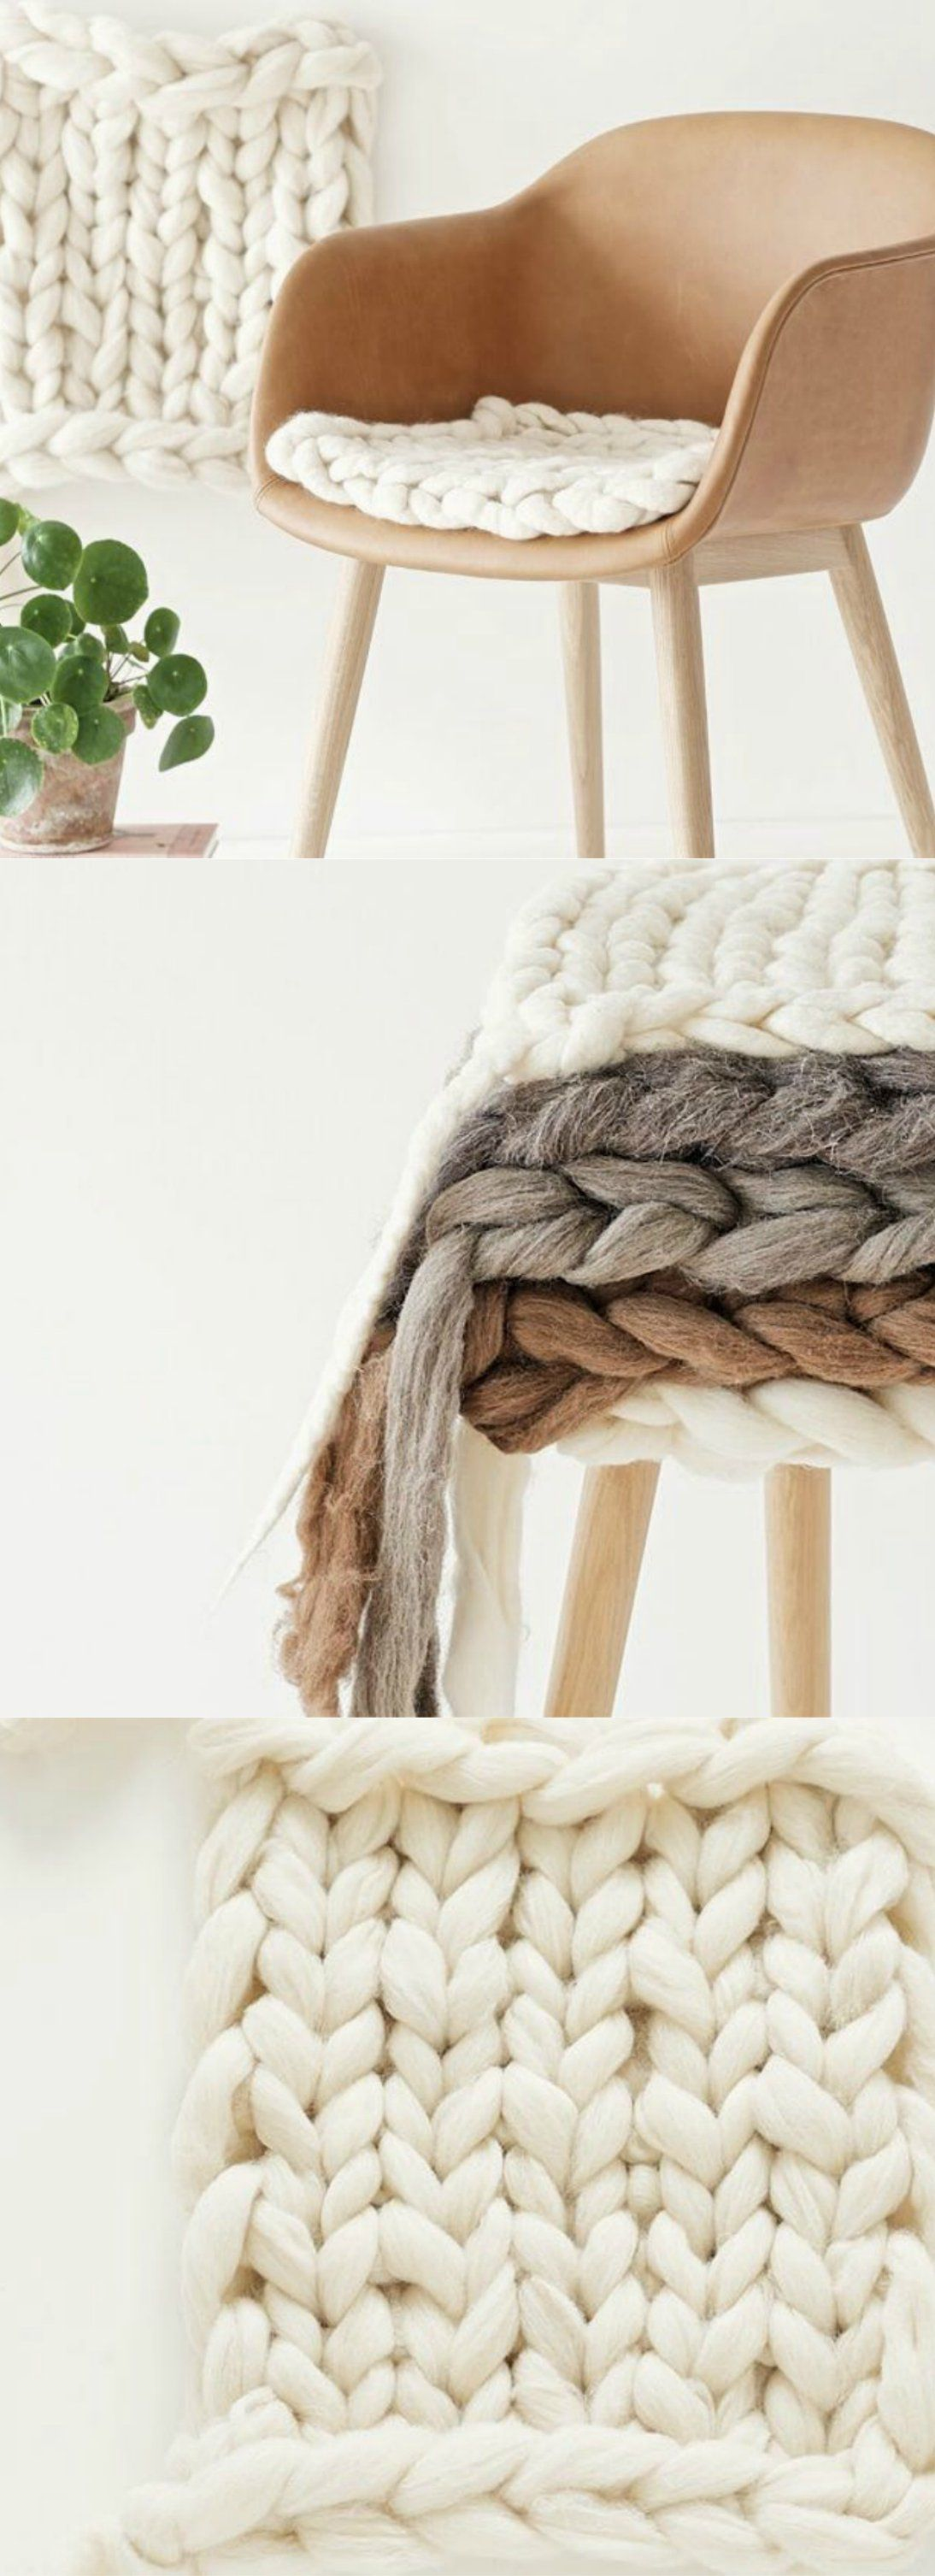 Diy tutorial knit a chair cushion via for Sillas bonitas